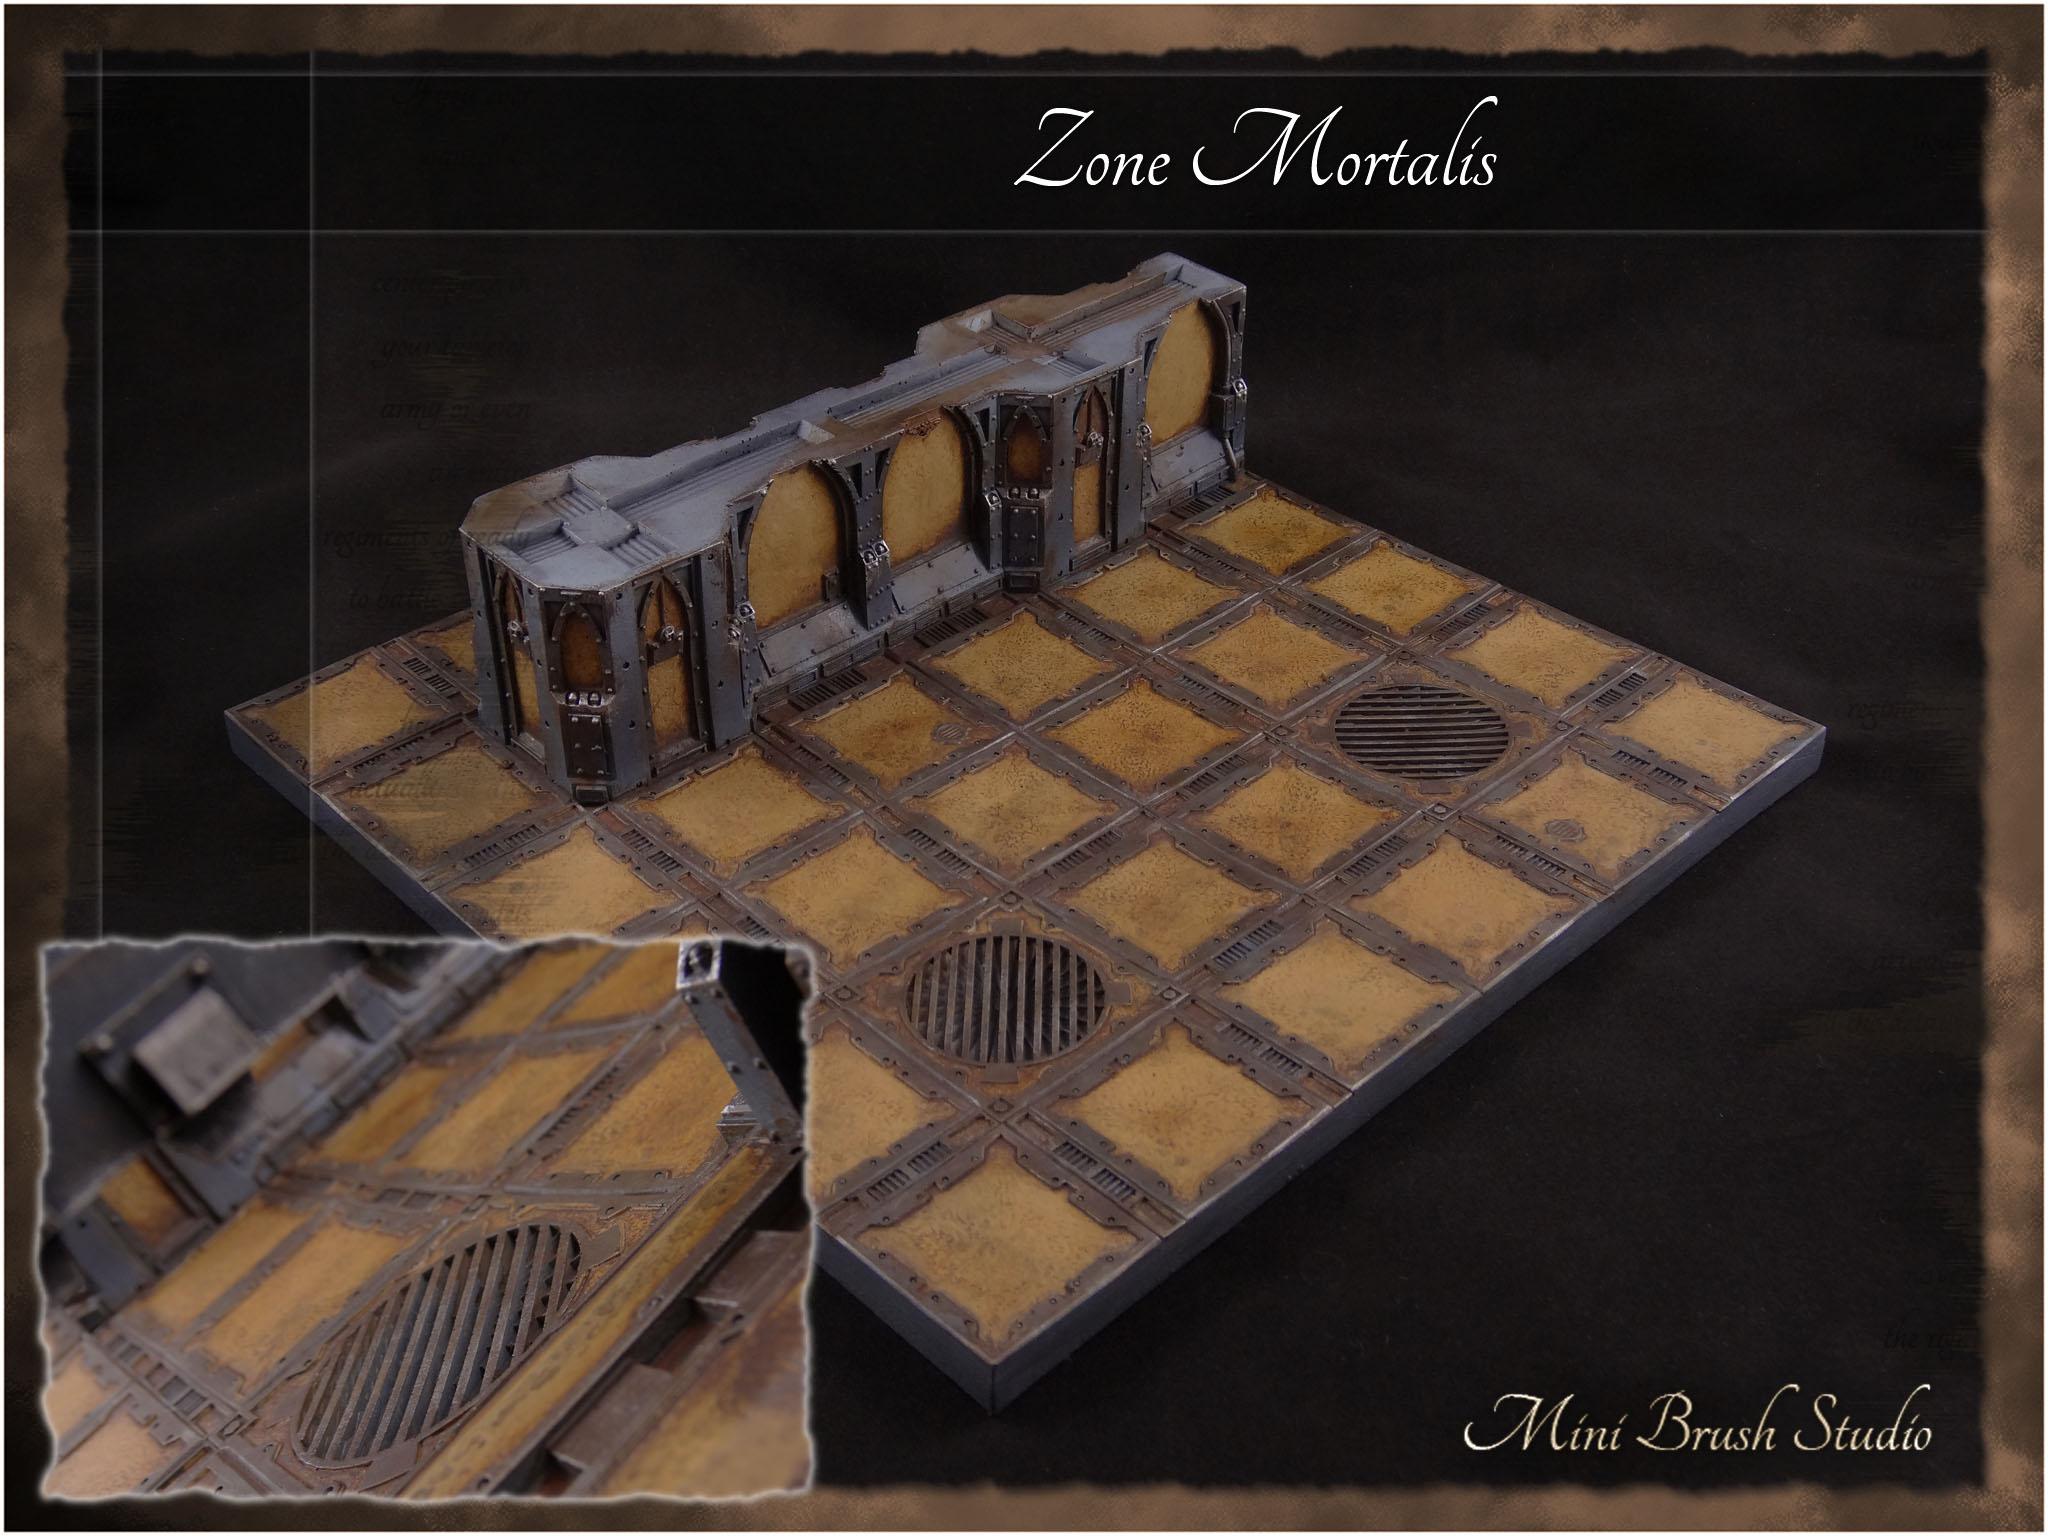 Zone Mortalis 1h v7.jpg